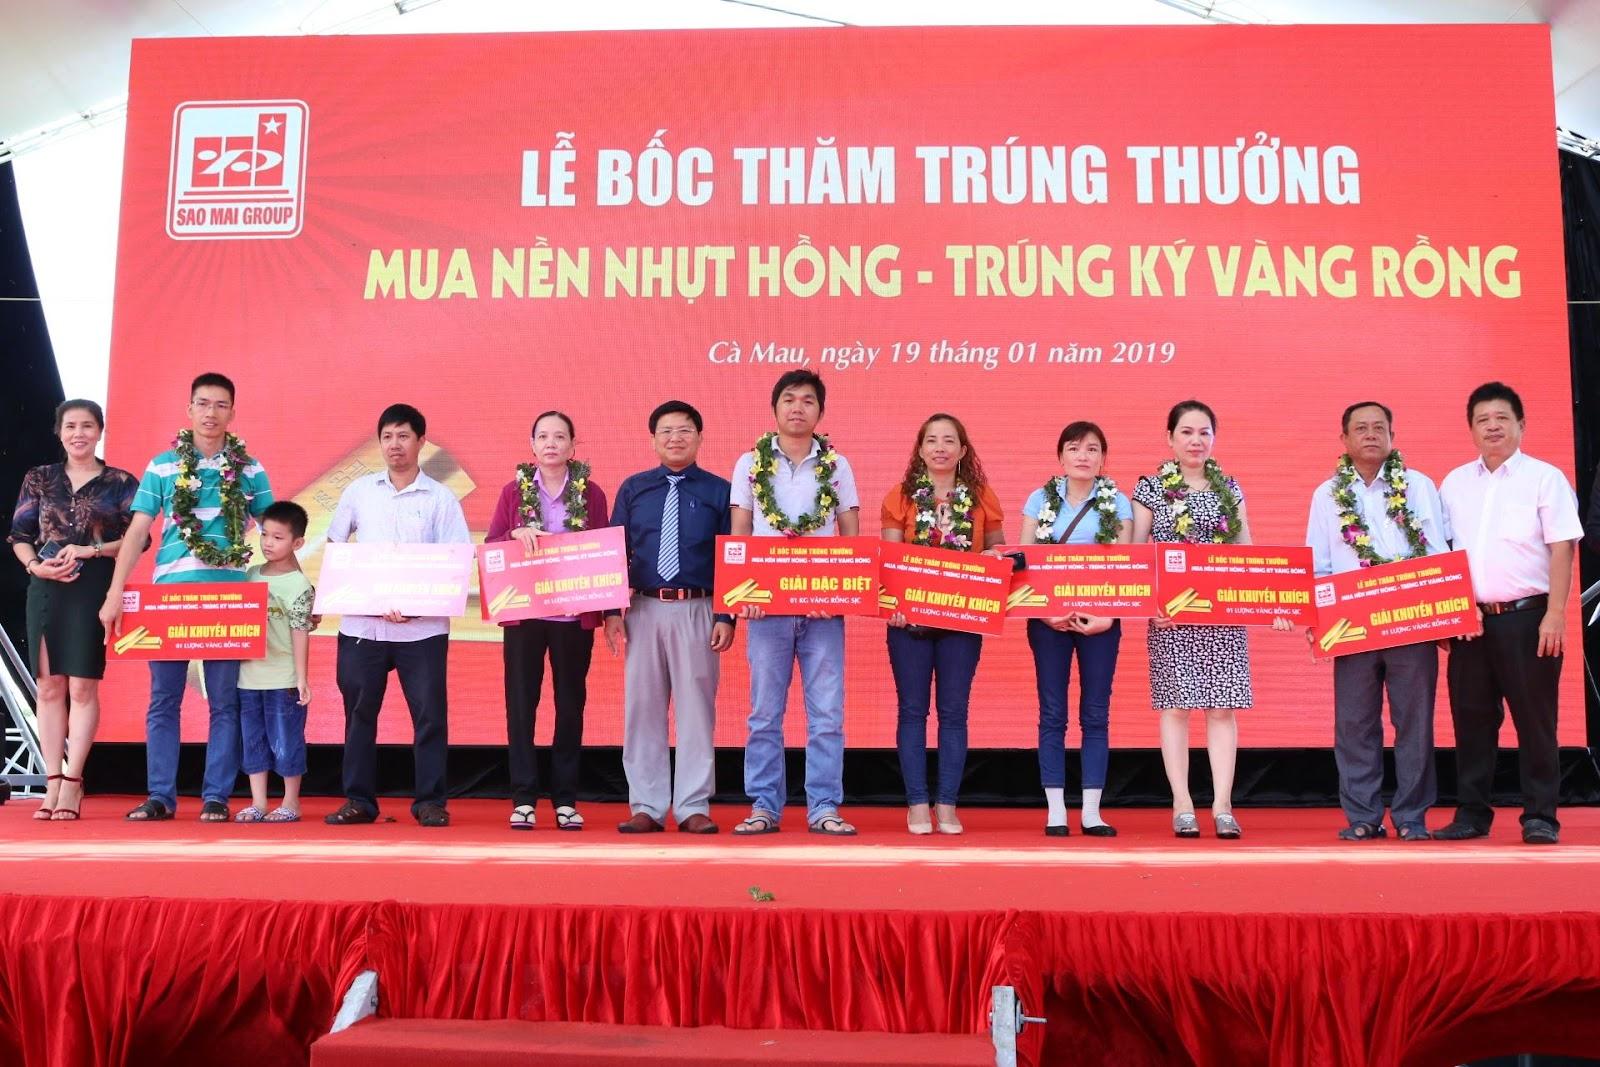 2. Những Khách hàng mai mắn trúng giải chụp ảnh lưu niệm cùng lãnh đạo Sao Mai Group